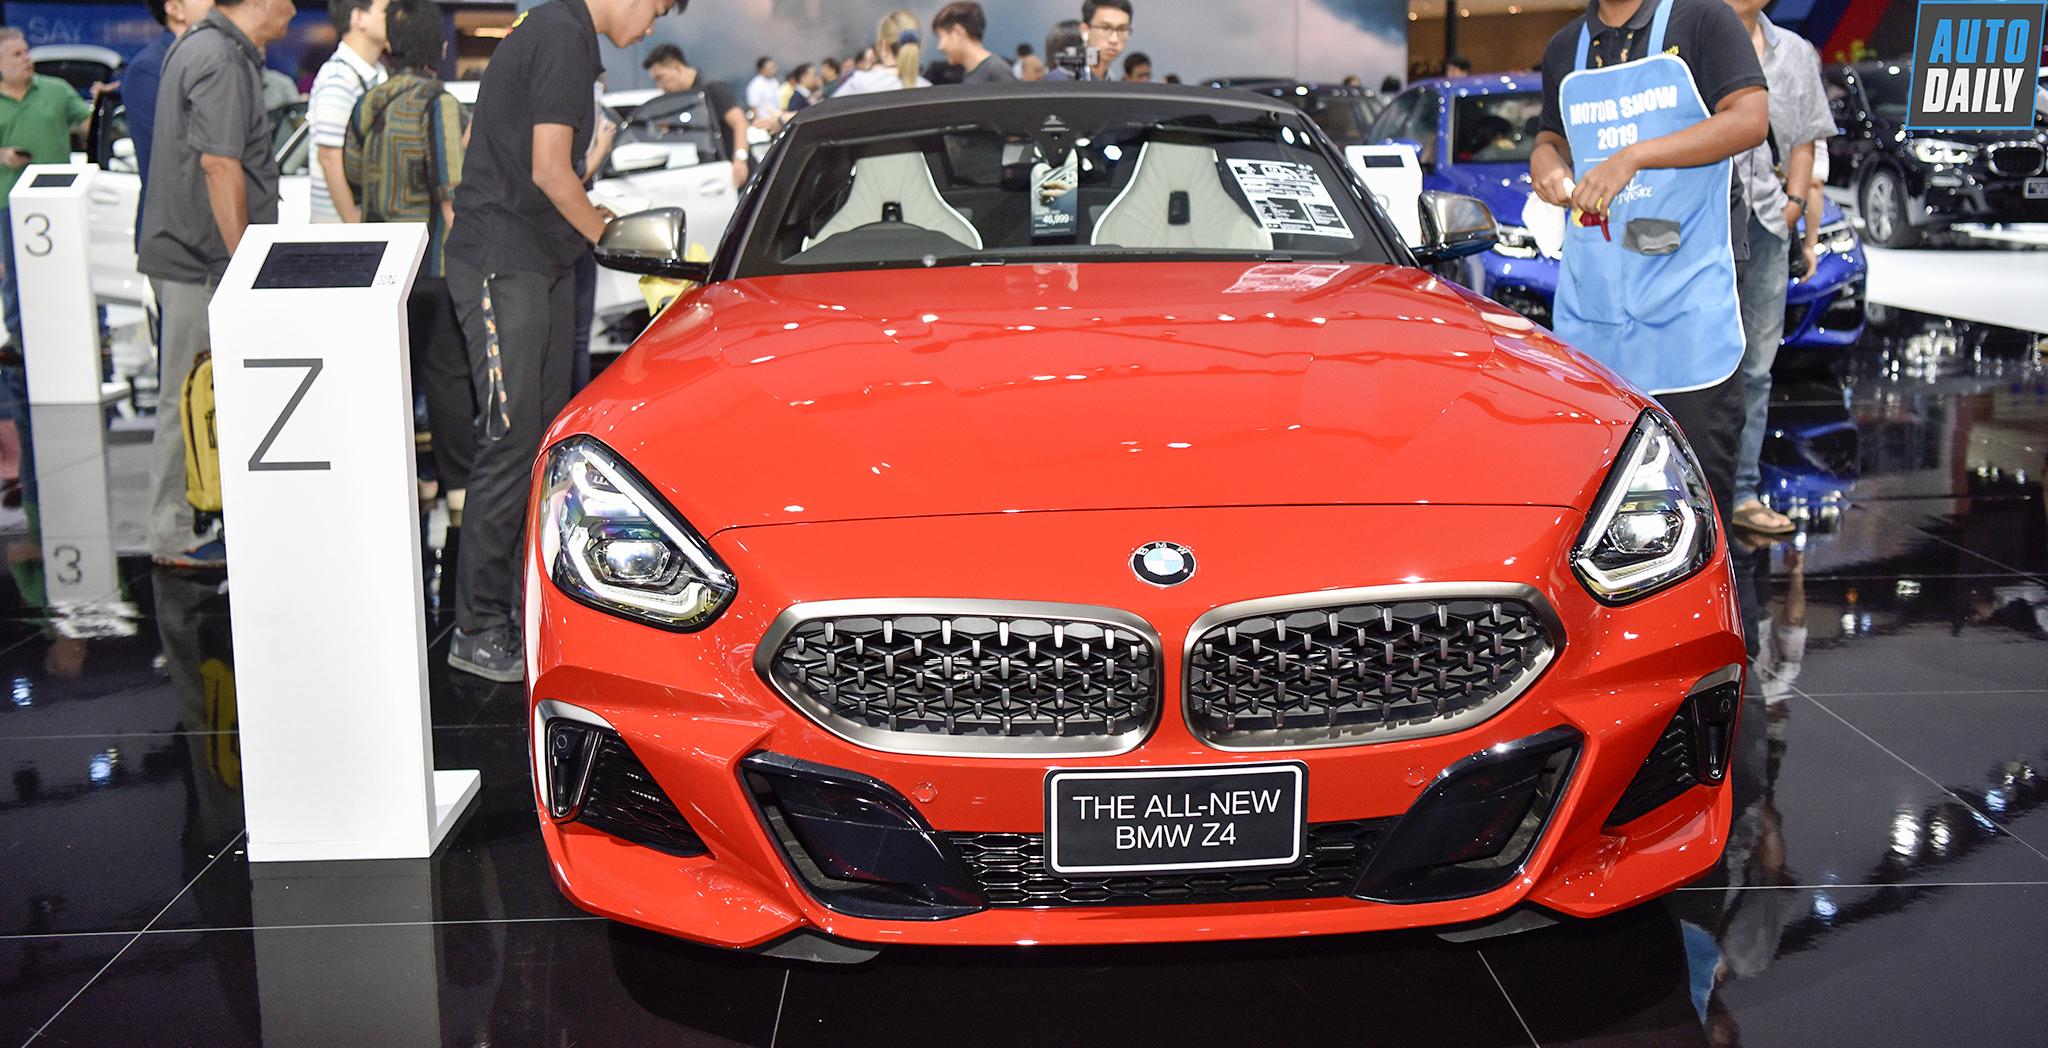 """Đánh giá nhanh BMW Z4 2019: """"Hớp hồn"""" phái đẹp"""